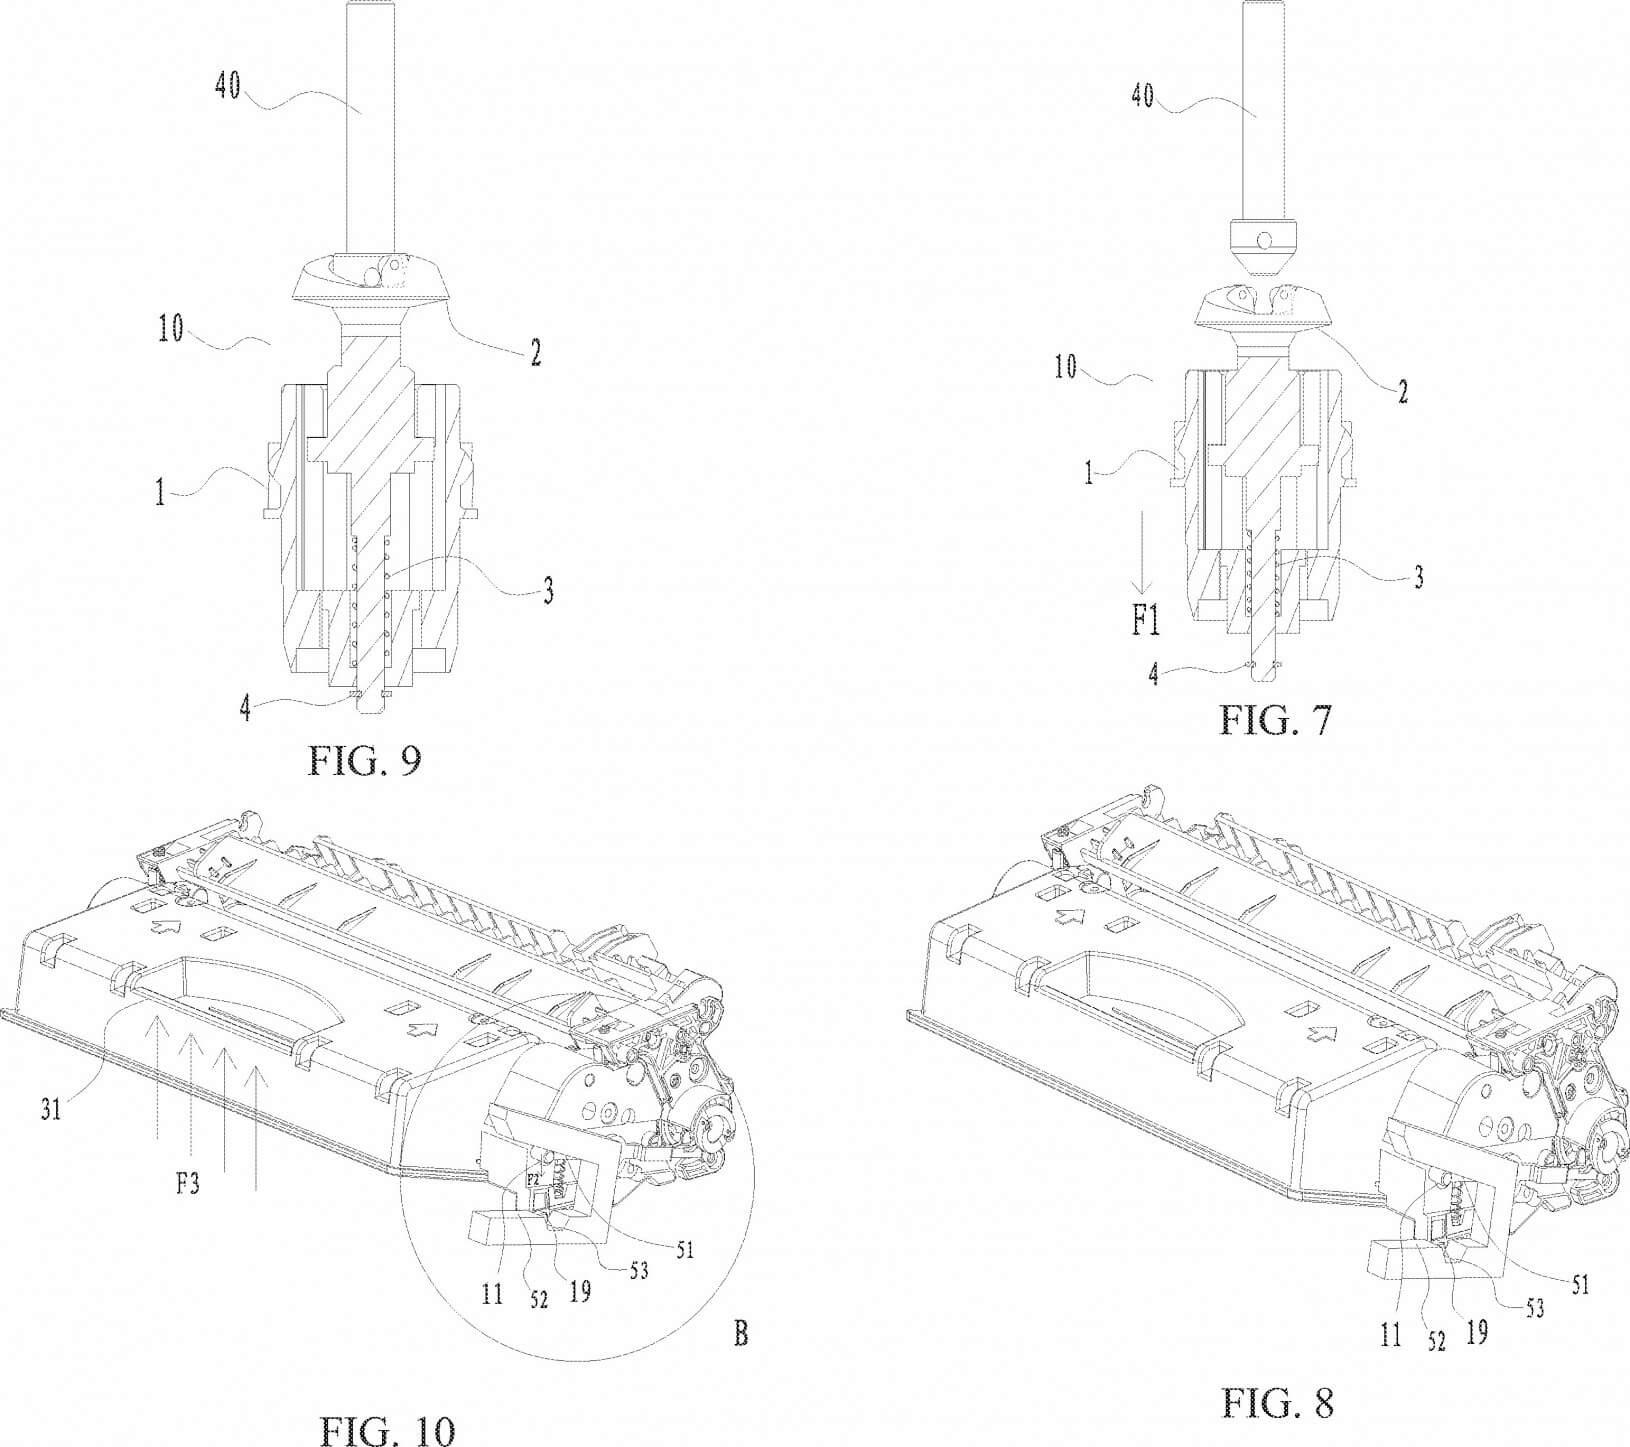 Das Aster-Patent ist ähnlich aufgebaut, wie das Ninestar-Patent.